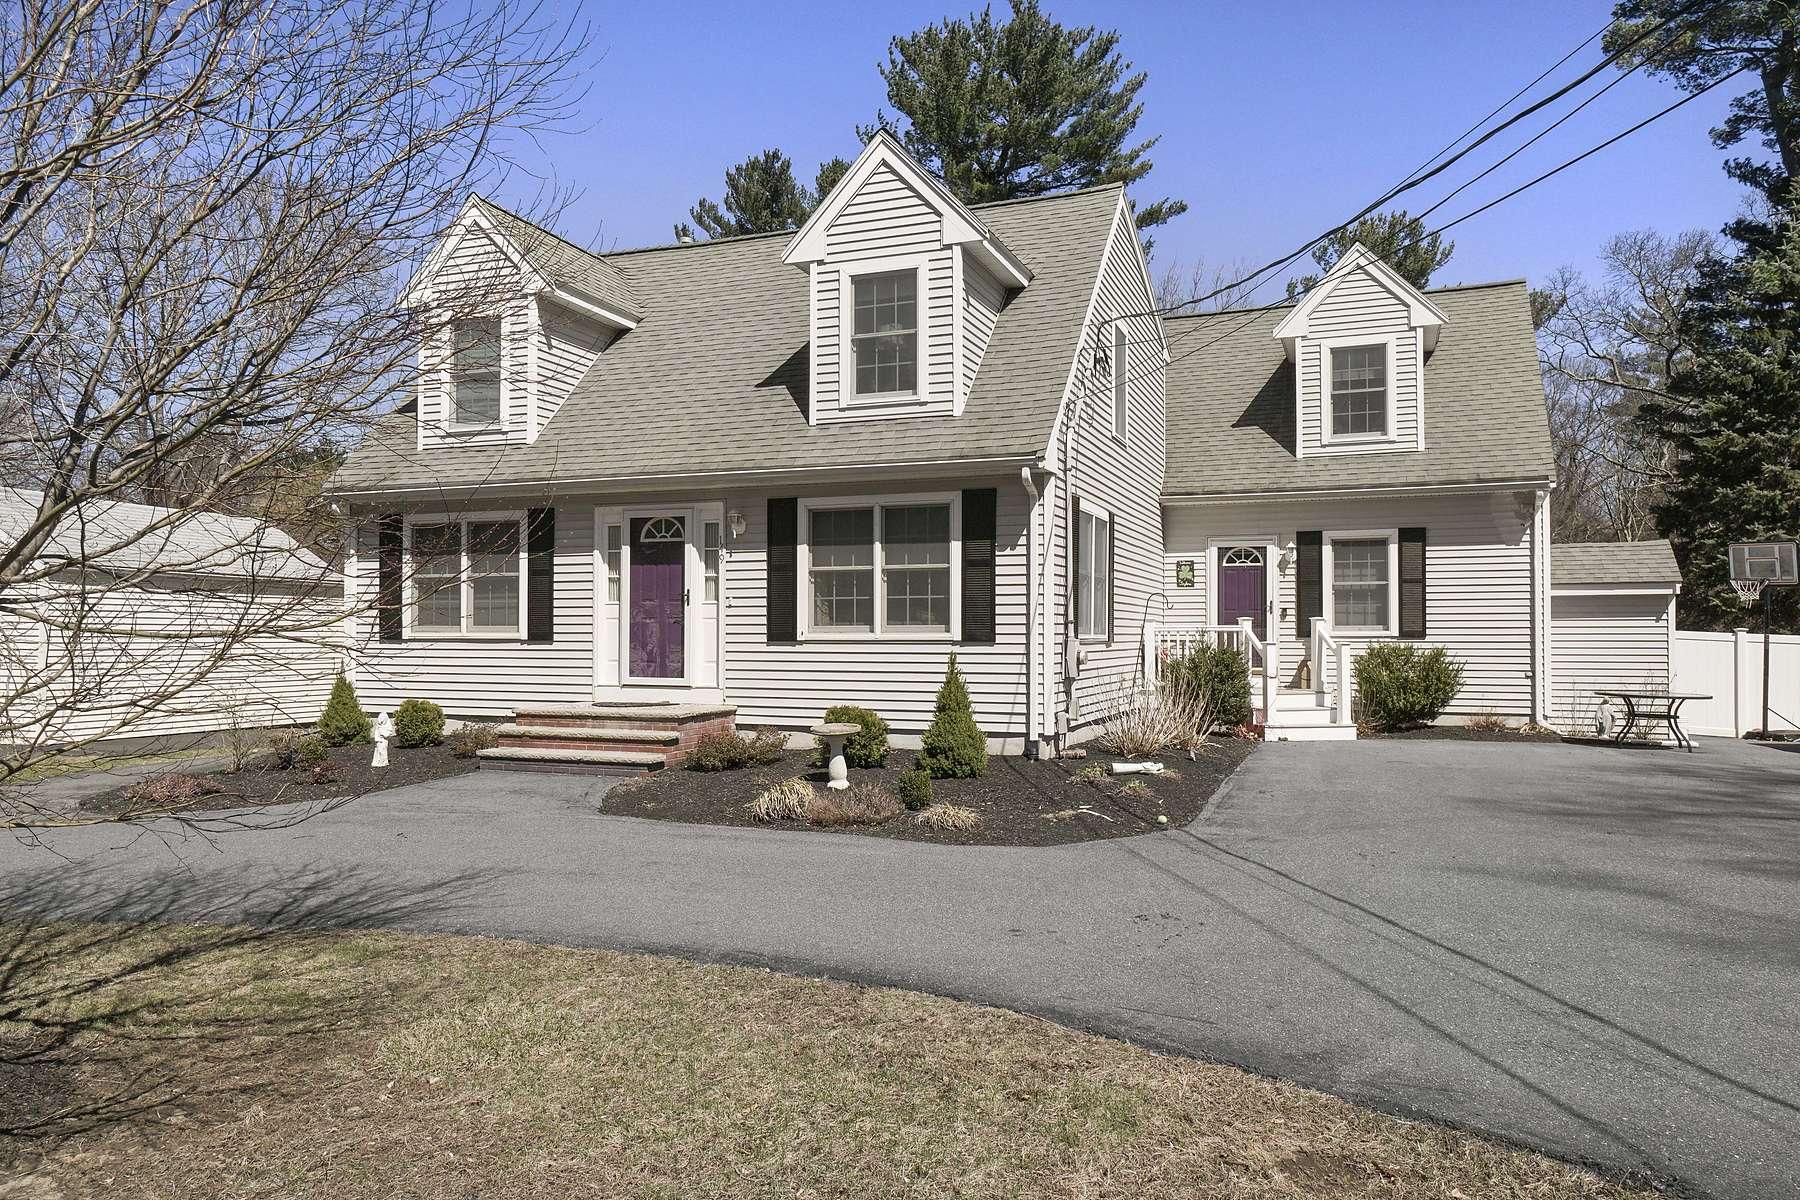 Single Family Homes for Sale at 149 Dayton Street Danvers, Massachusetts 01923 United States